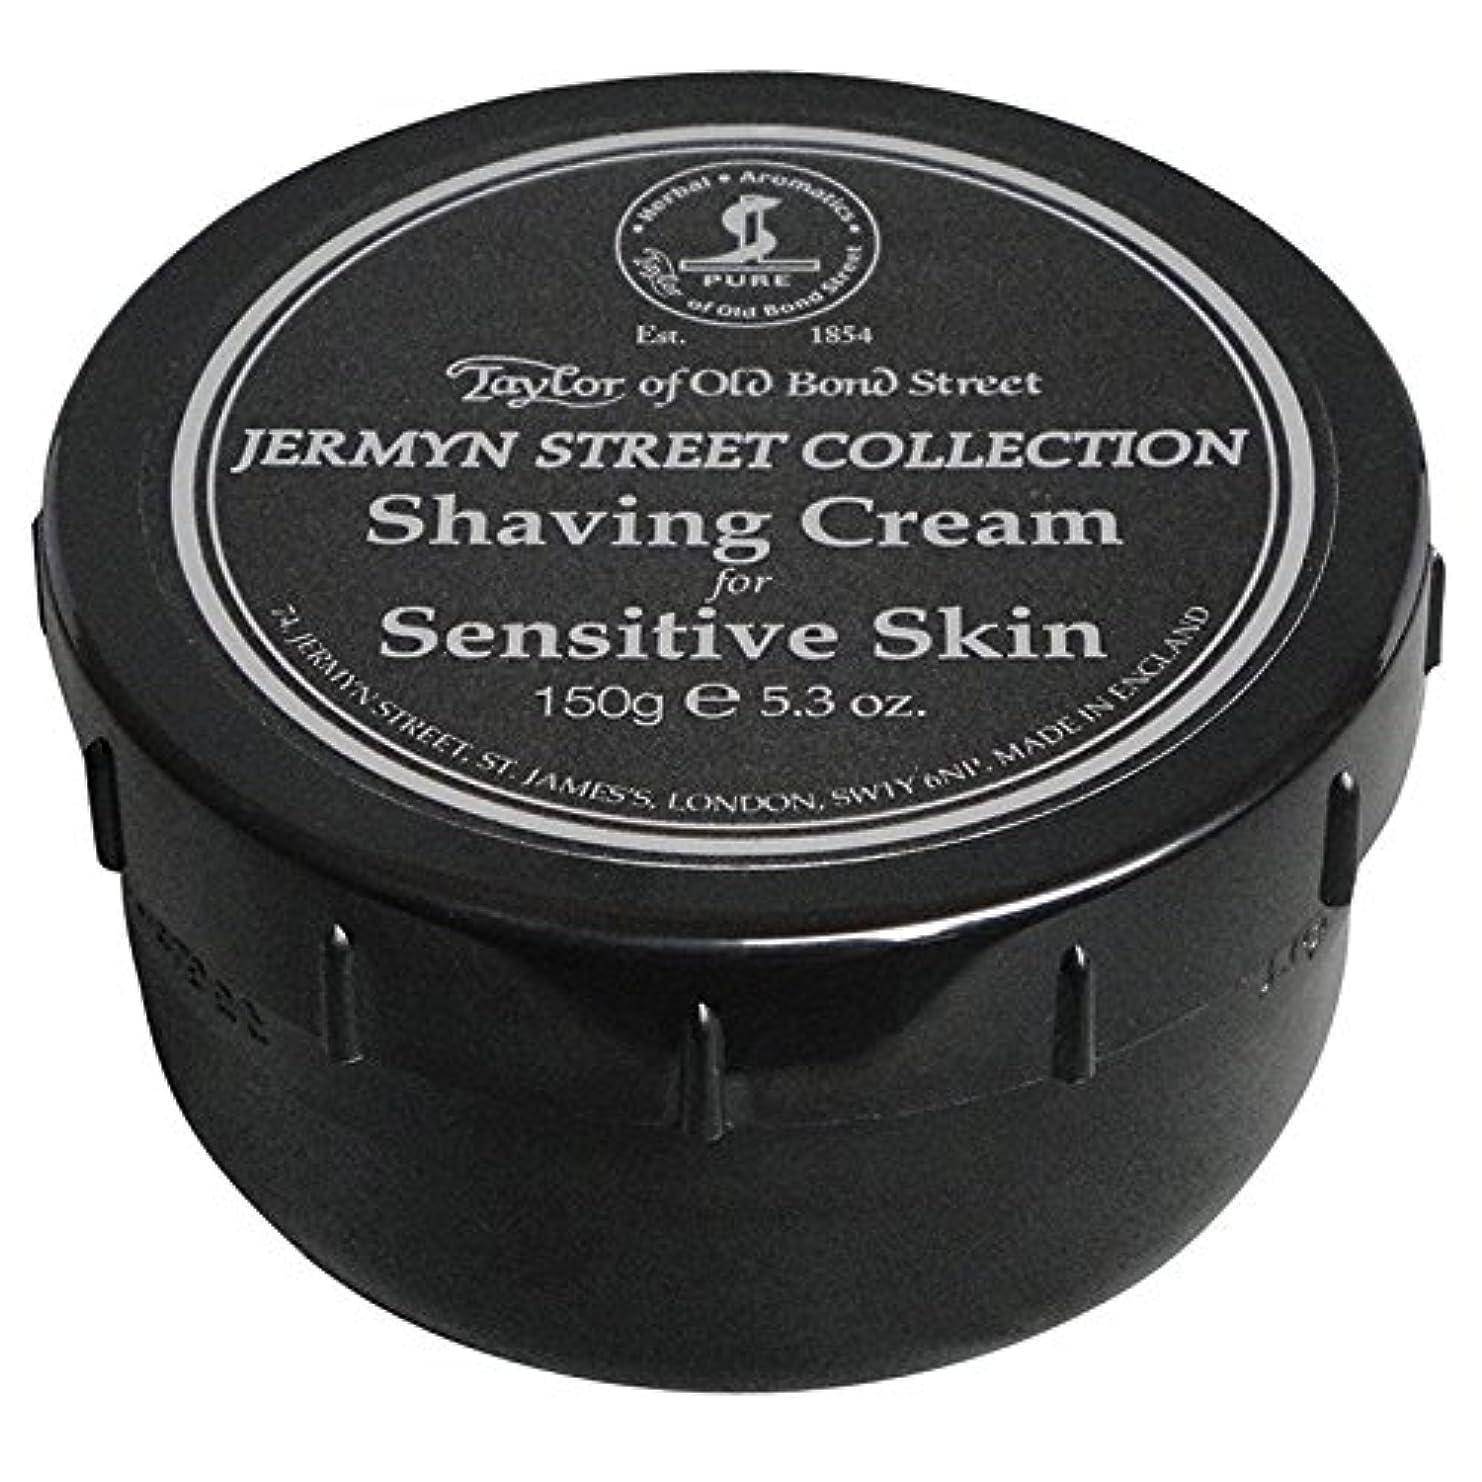 同意落花生繁栄する古いボンド?ストリートシェービングクリーム敏感肌用150グラムのテイラー (Taylor of Old Bond Street) - Taylor of Old Bond Street Shaving Cream Sensitive Skin 150g [並行輸入品]